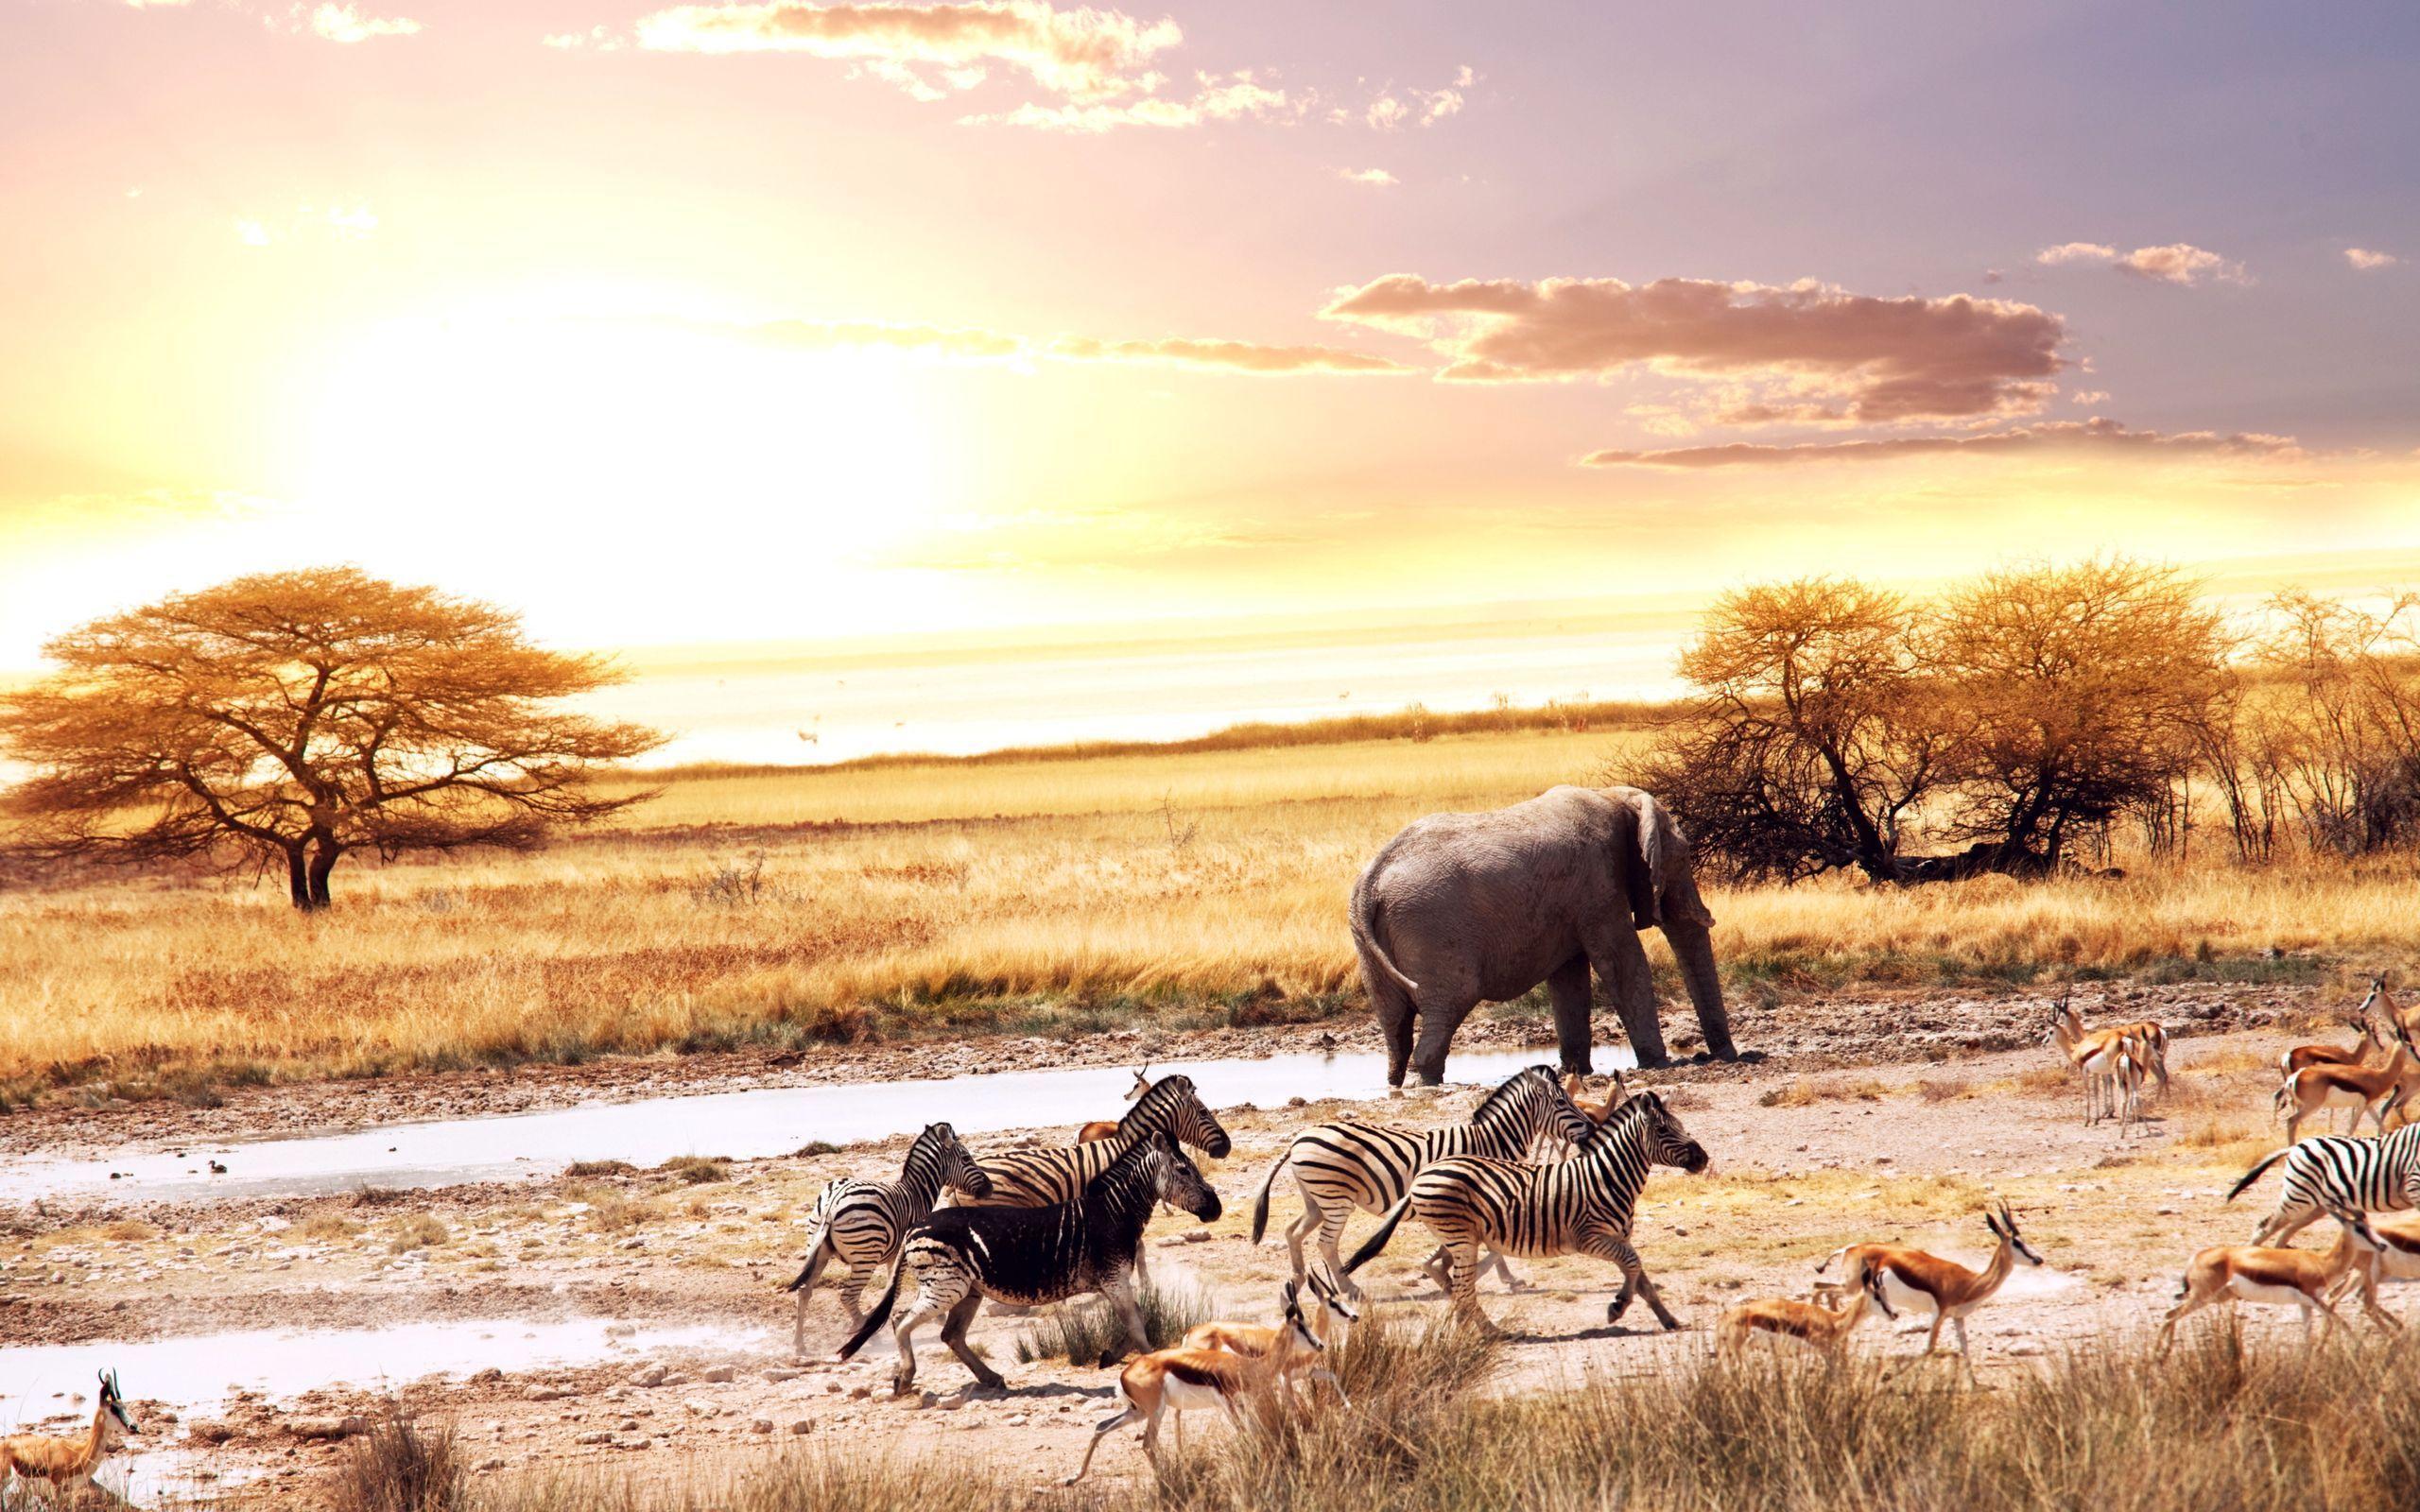 Wild Animals in Africa Wallpaper « Wallpaperz.